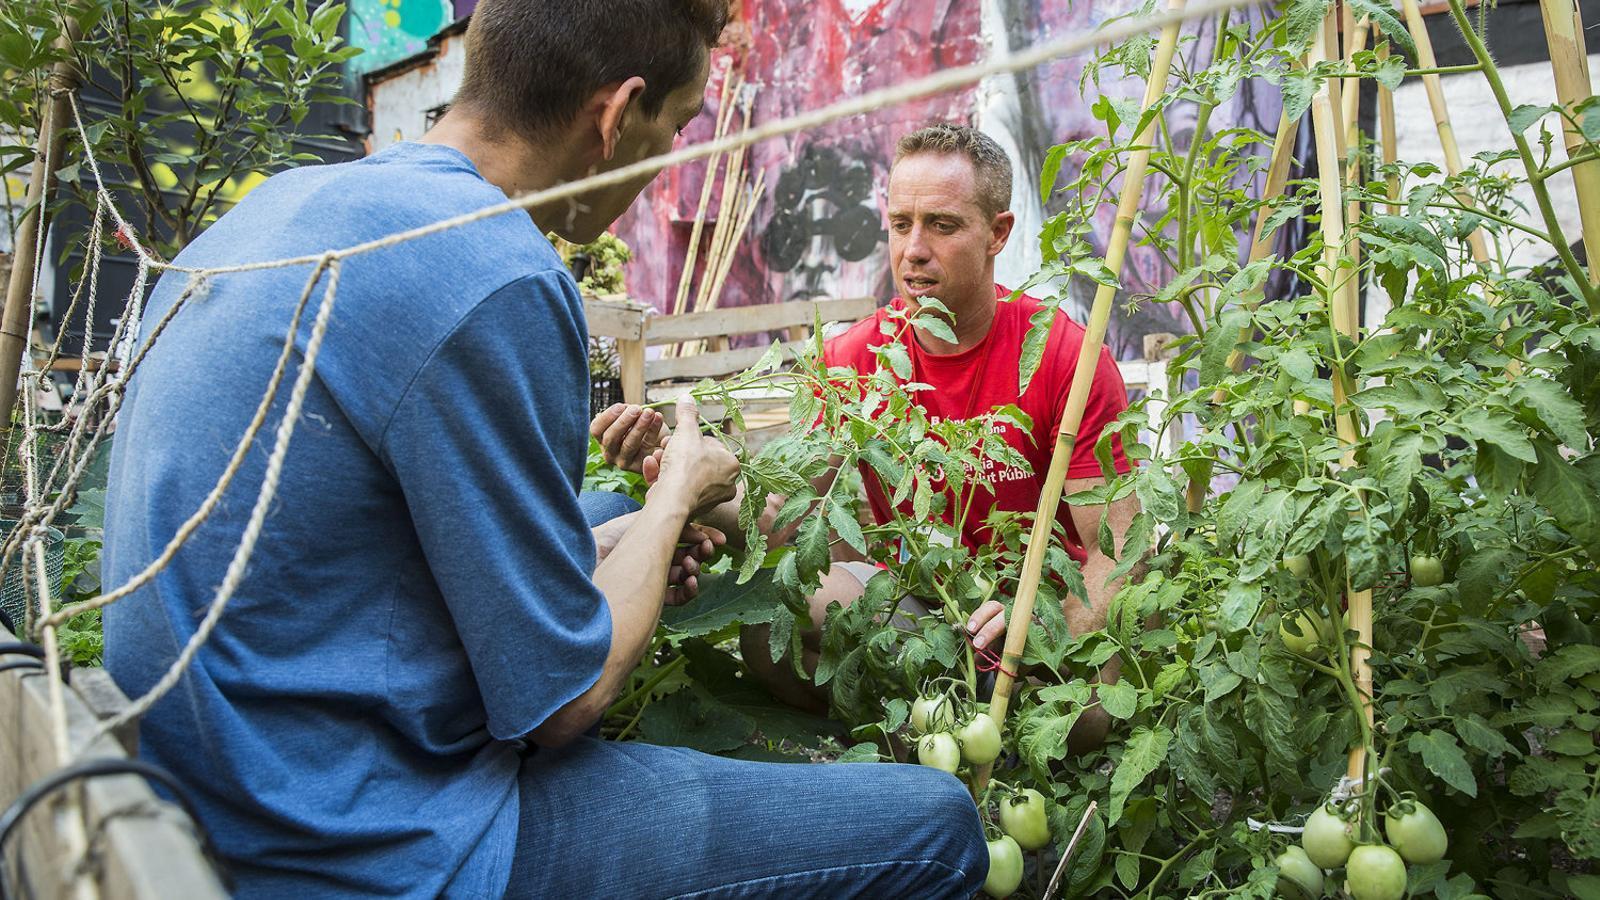 Jardineria per desconnectar de les drogues